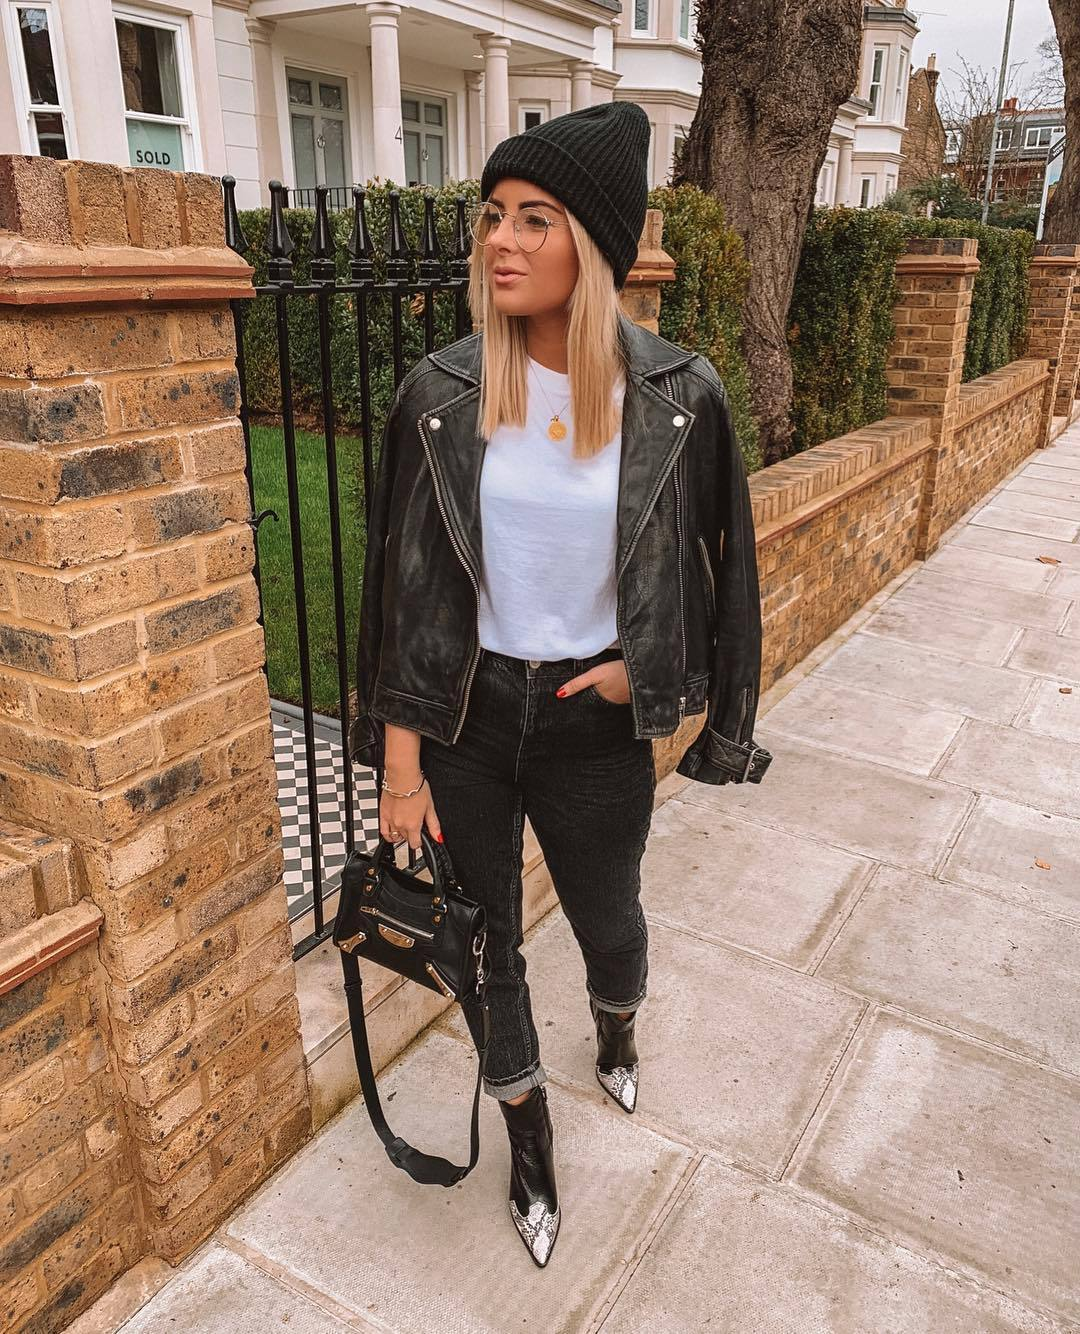 jacket black jacket leather jacket ankle boots black boots high waisted jeans black jeans black bag white t-shirt black beanie